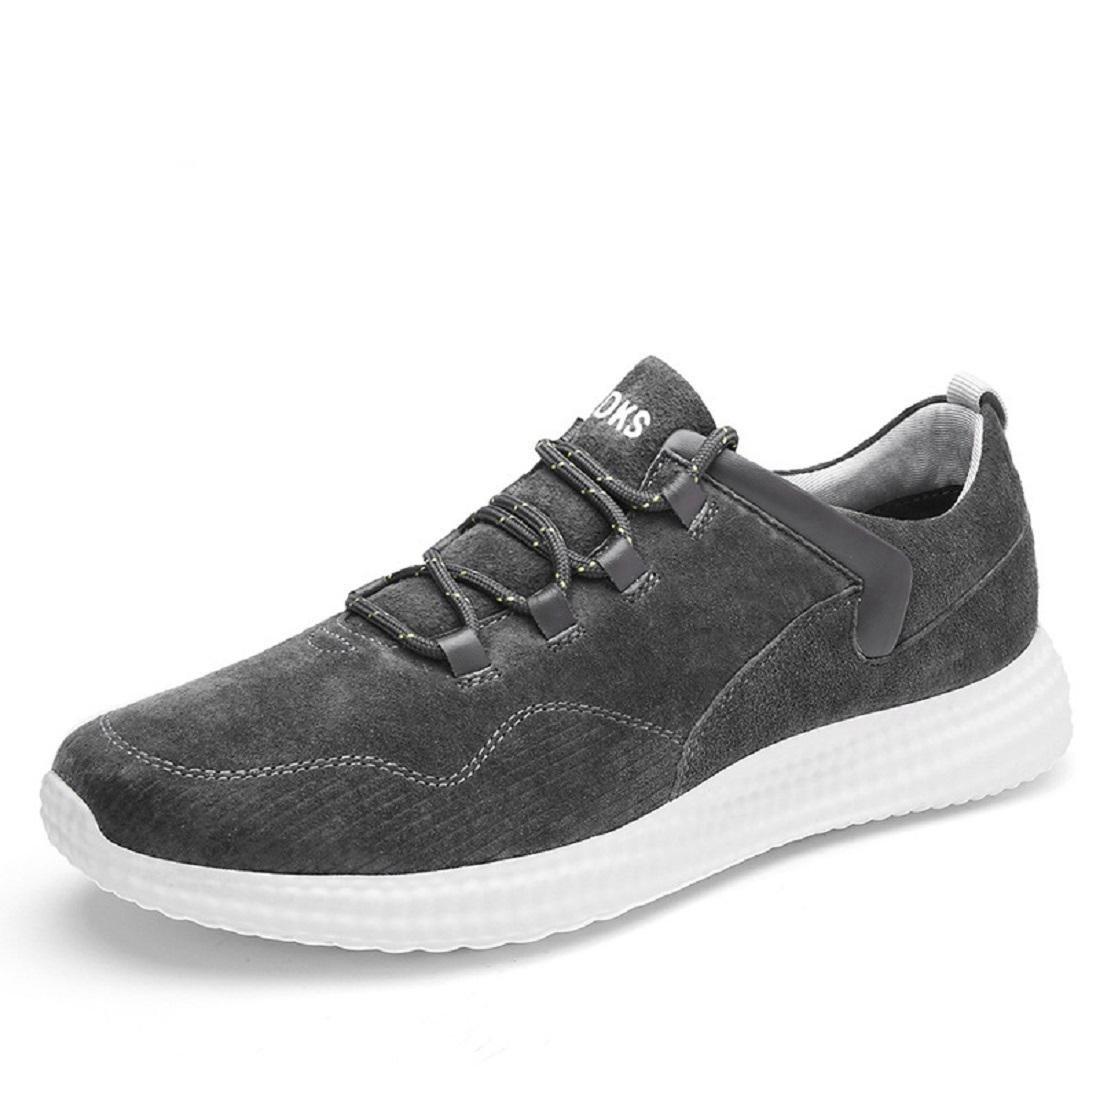 Herren Sportschuhe Mode Lässige Schuhe Flache Schuhe Turnschuhe Große Größe EUR GRÖSSE 36-47